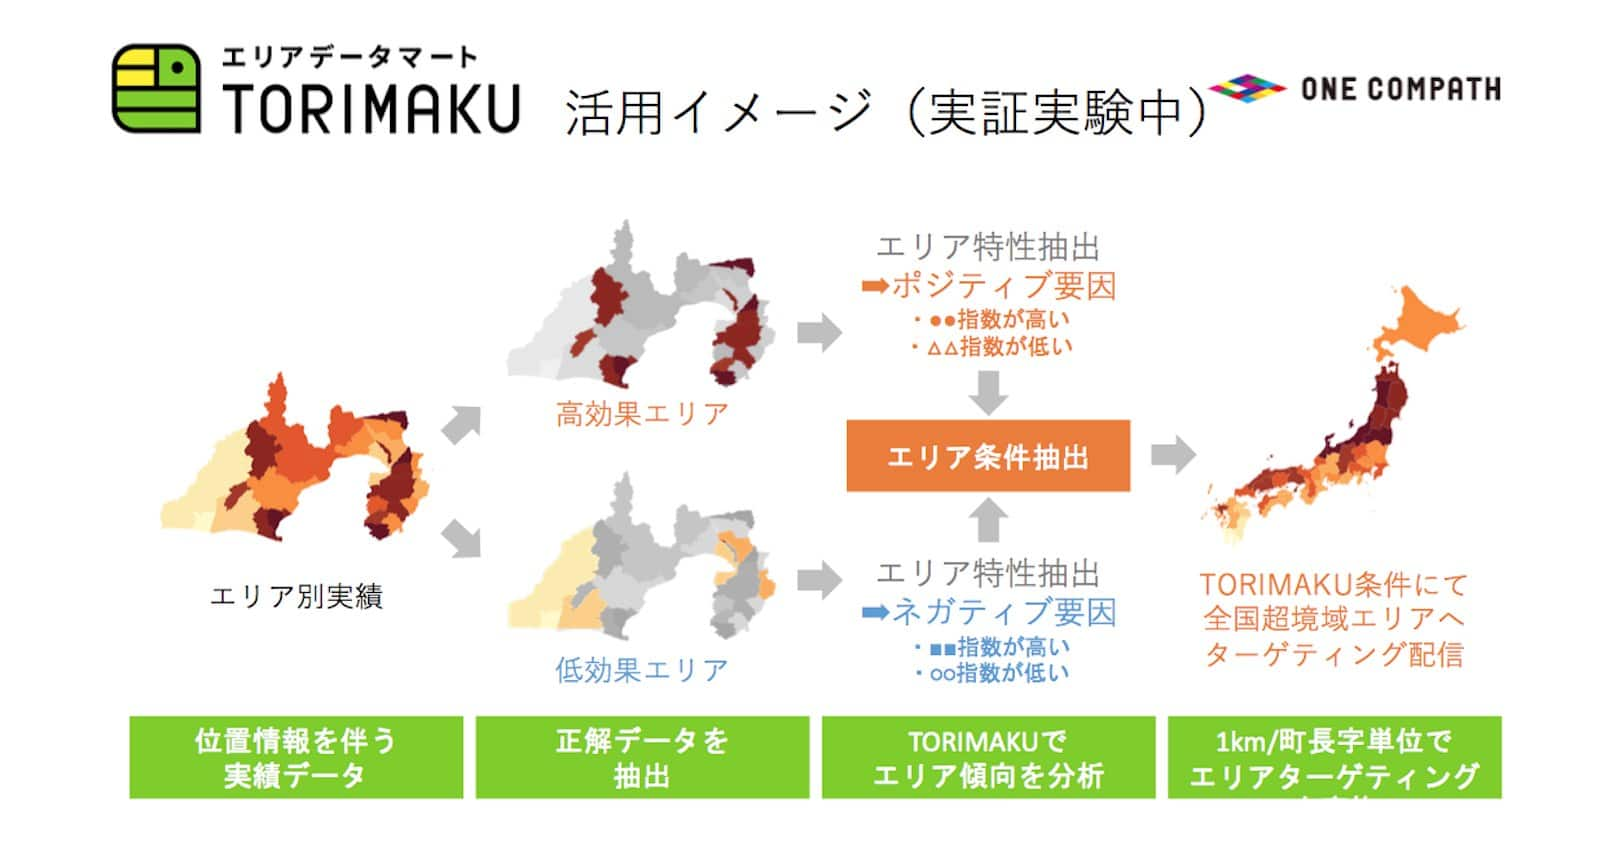 資料:エリアデータマートTORIMAKU活用イメージ